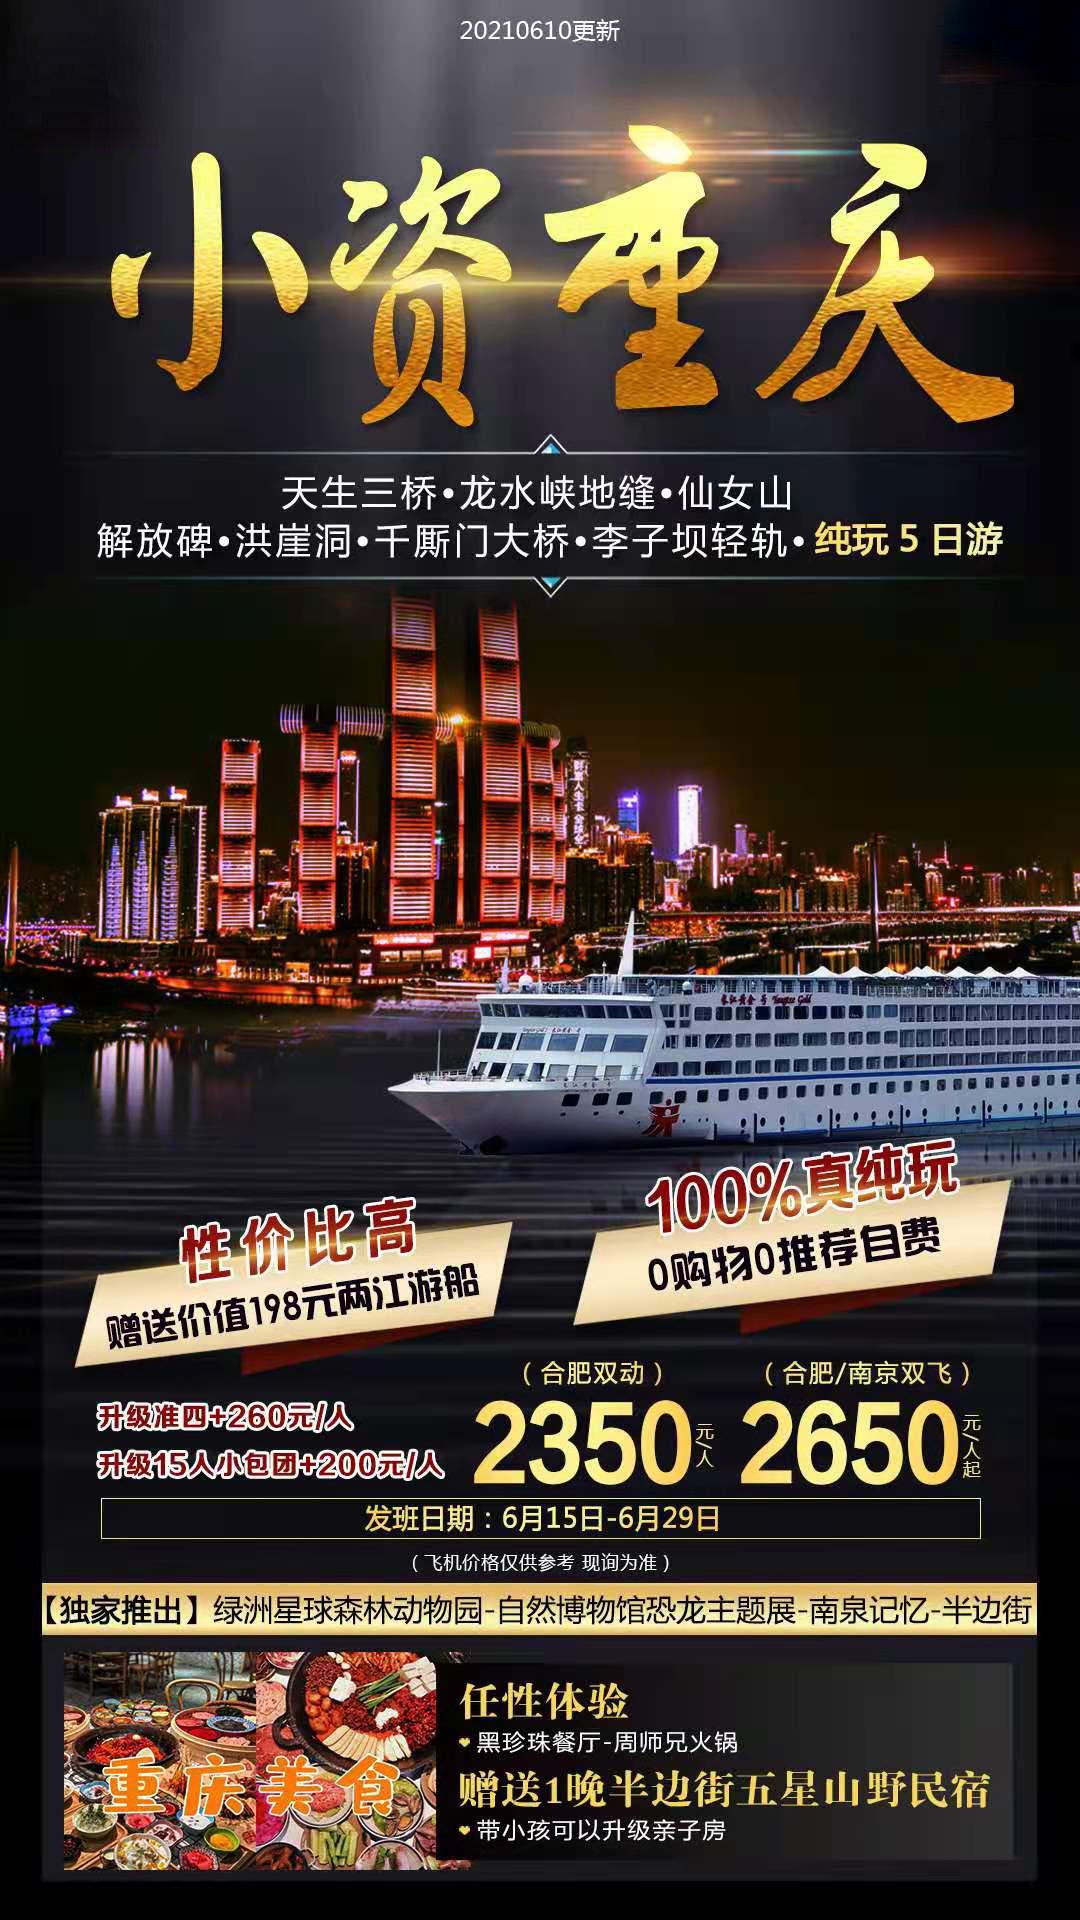 合肥到重庆旅游